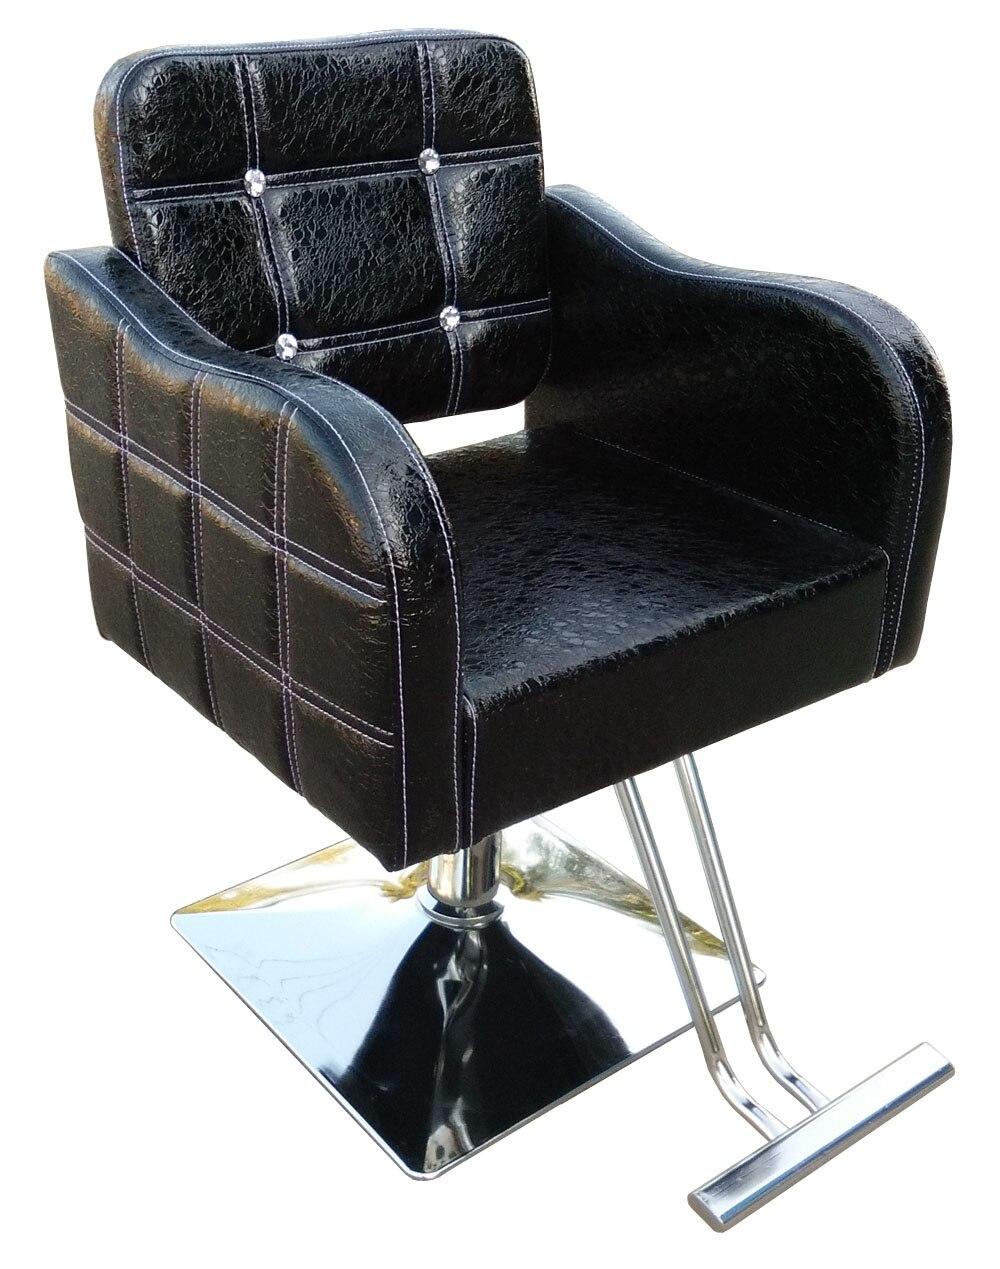 Coiffure coupe de cheveux de salon chaise mode ceinture forage beaut soins chaises chaise tournante ascenseur